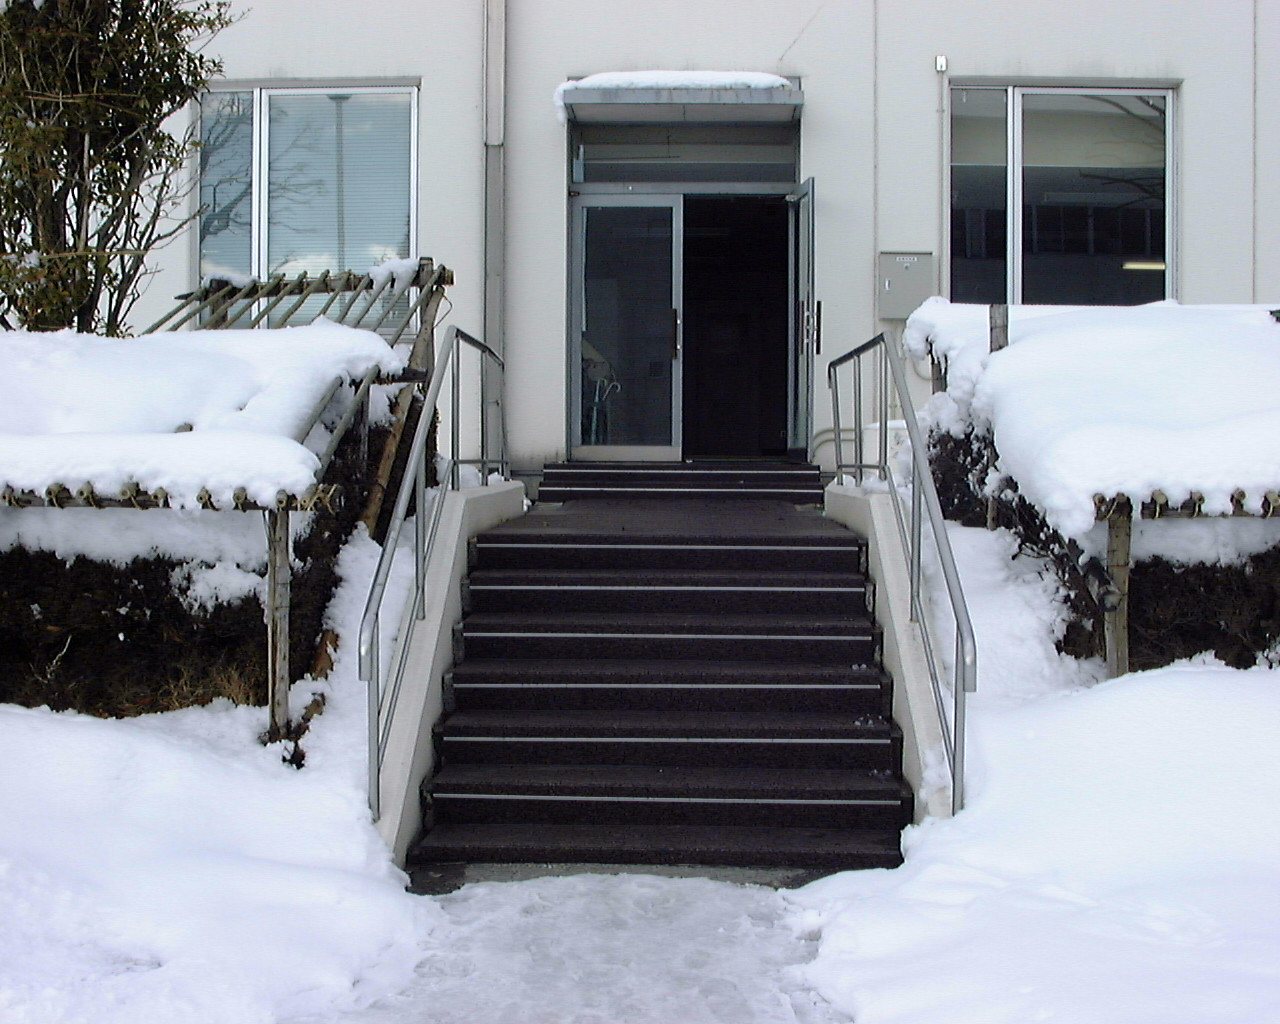 東根市工場社員通用口階段 | 山形の融雪総合メーカー ...